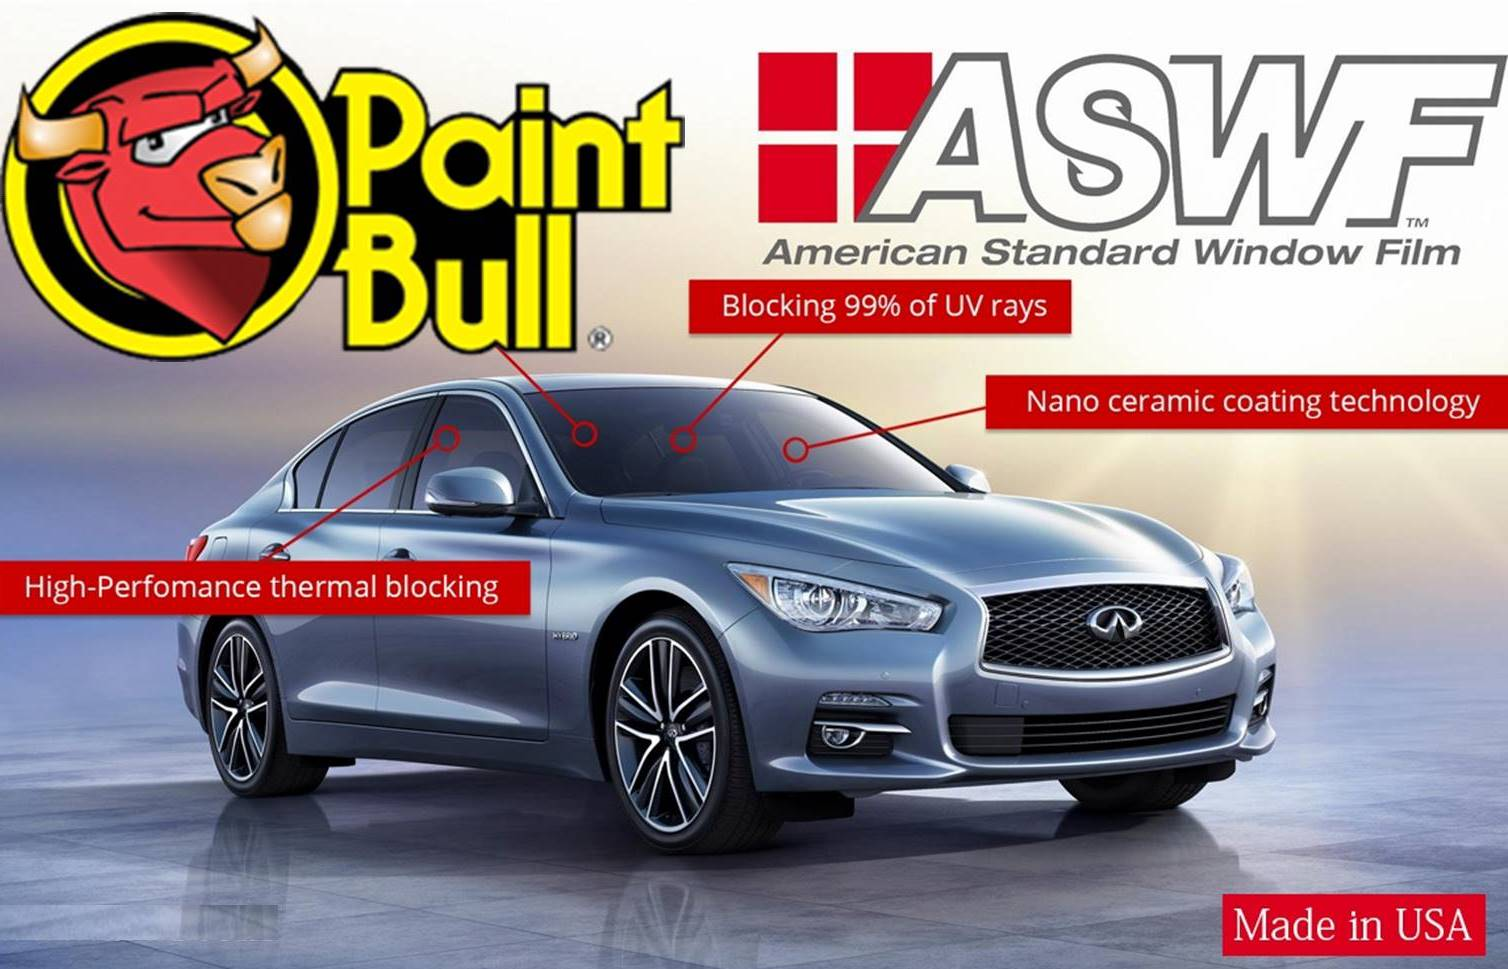 Από 95€ για τοποθέτηση Επαγγελματικών Μεμβρανών Αυτοκινήτου της ΑSWF, με εγγύηση εφ'όρου ζωής, στο ολοκαίνουργιο ''Paintbull'' Μεσογείων (Εθνική Άμυνα) εικόνα